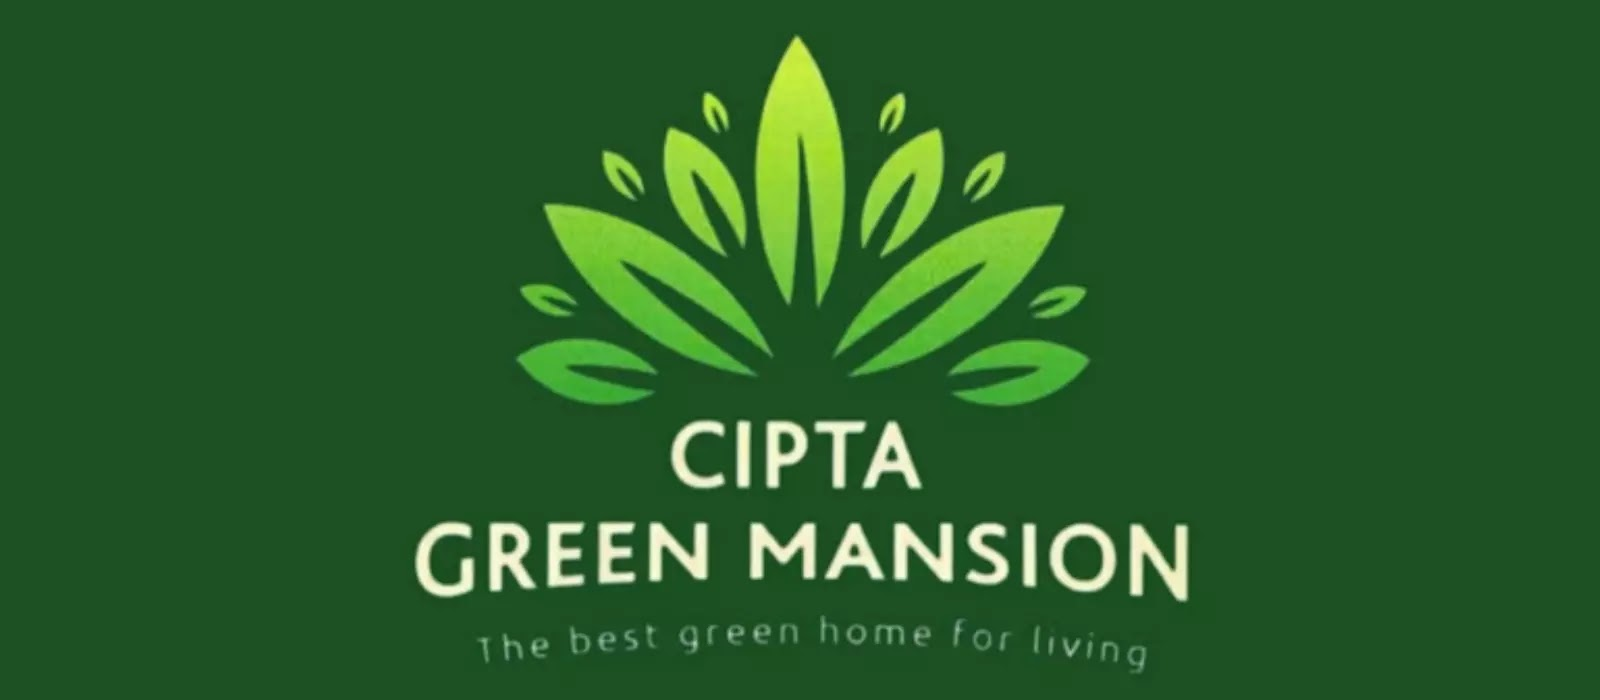 Cipta Green Mansion